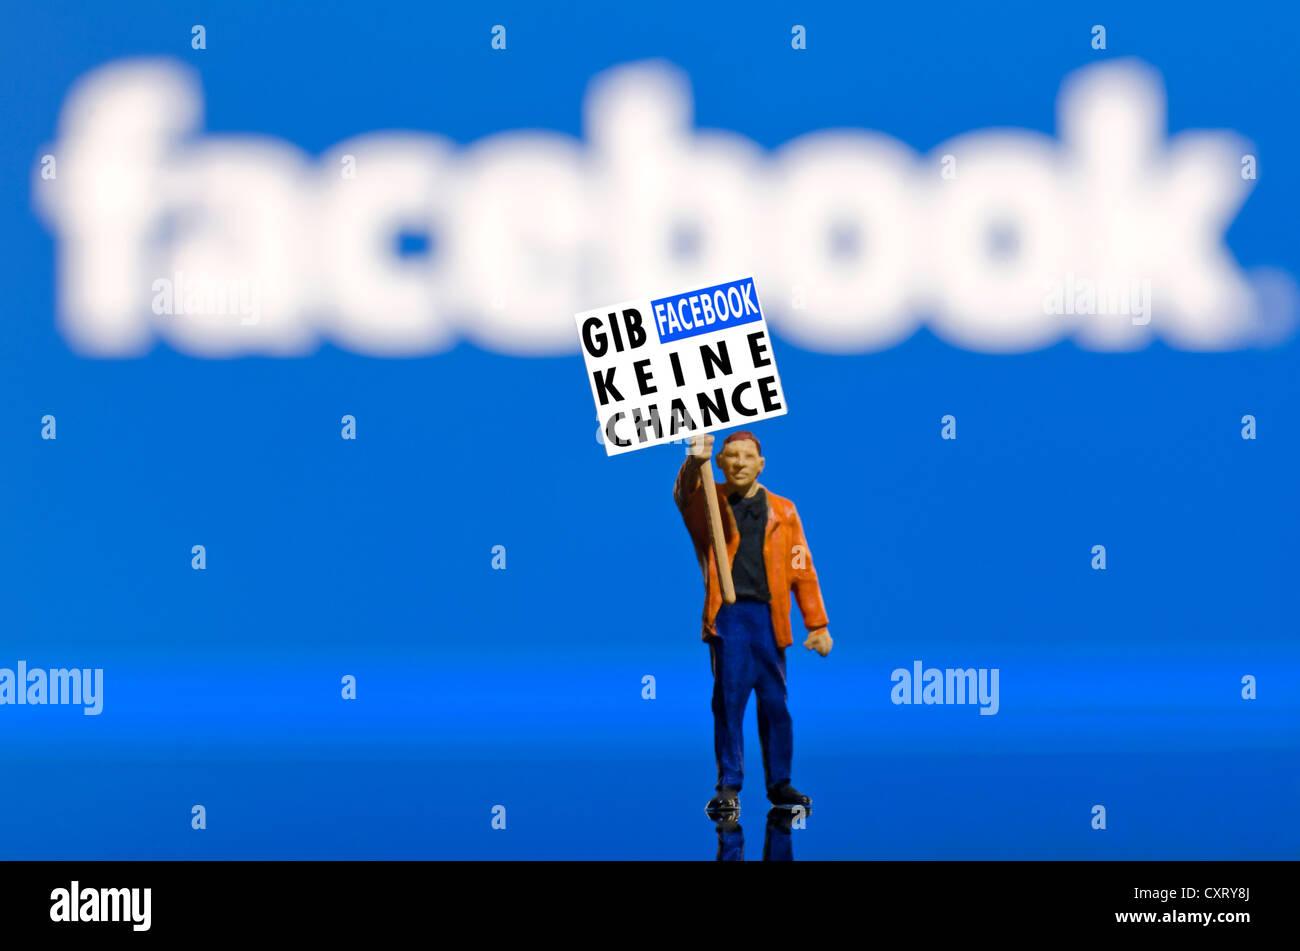 """Demonstrant hält ein Brett, Schriftzug """"Gib Facebook Keine Chance"""", Deutsch für """"Keine Stockbild"""